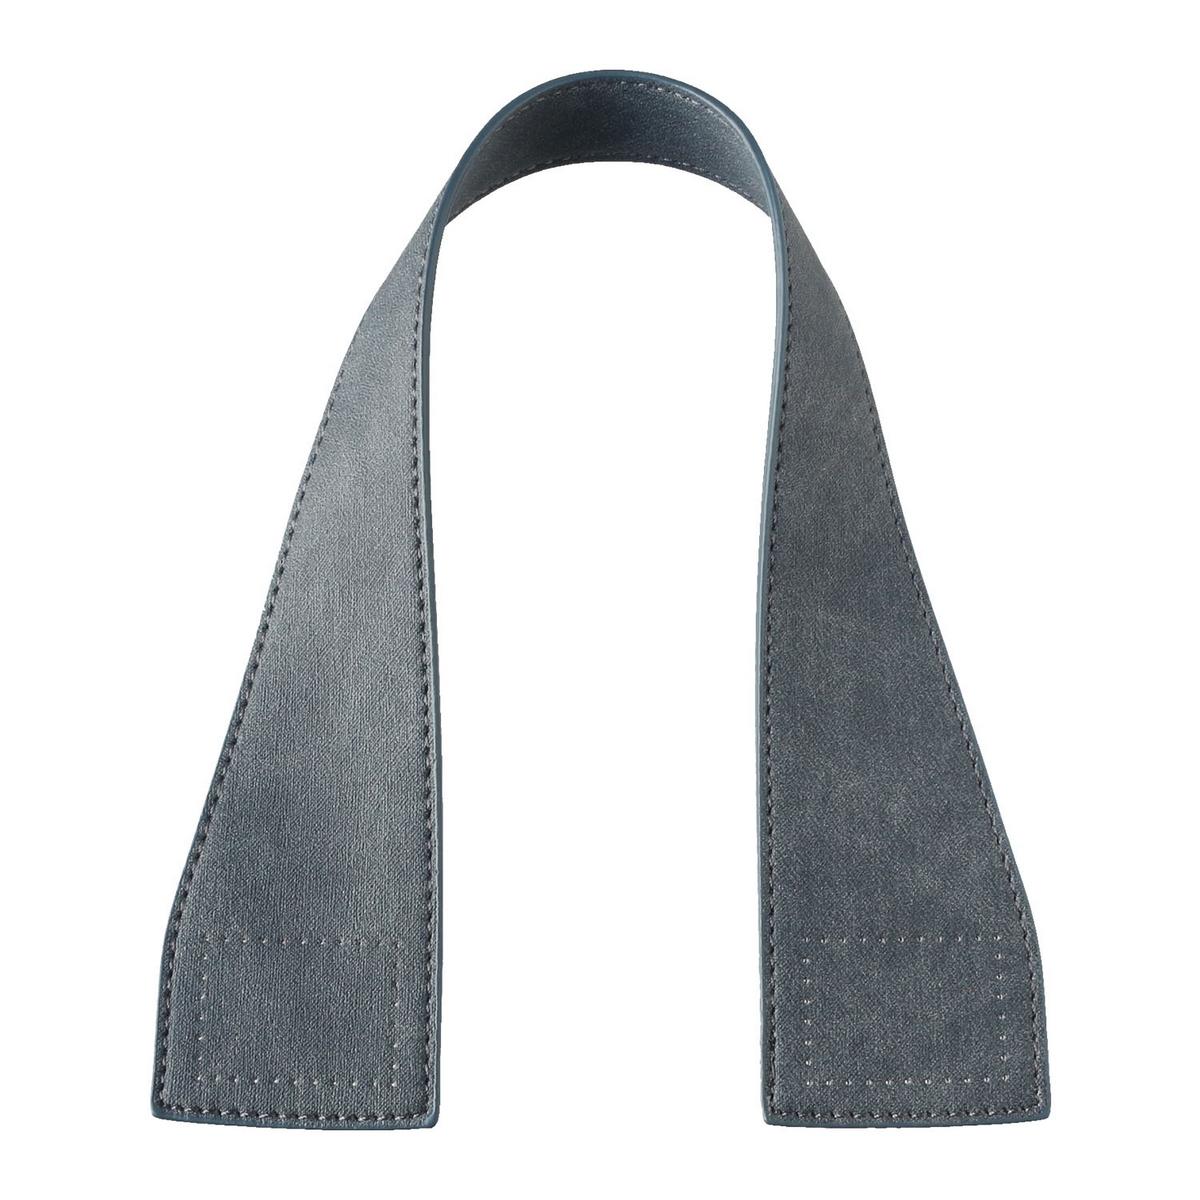 手芸用品 持ち手 金具 手作り 日本最大級の品揃え 材料 NBK デニム調ハンドル 取寄 MAW44-DI 01 ダ-クインディゴ 海外並行輸入正規品